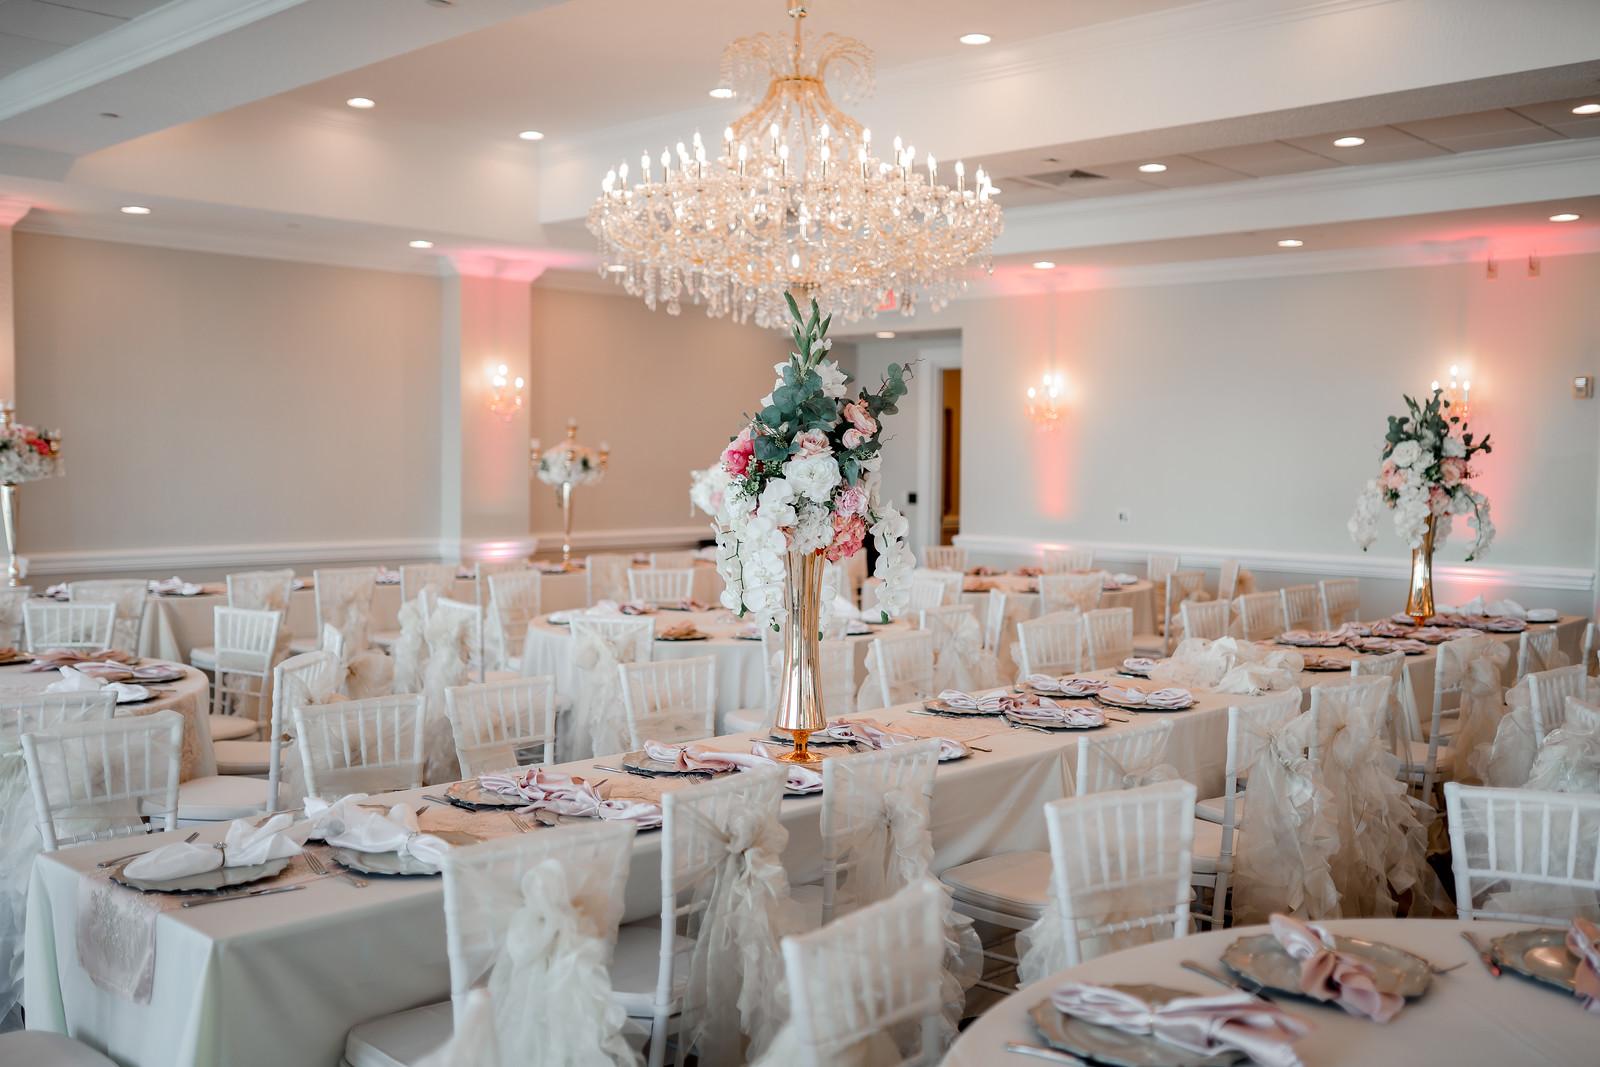 Elegant Wedding Table Layout